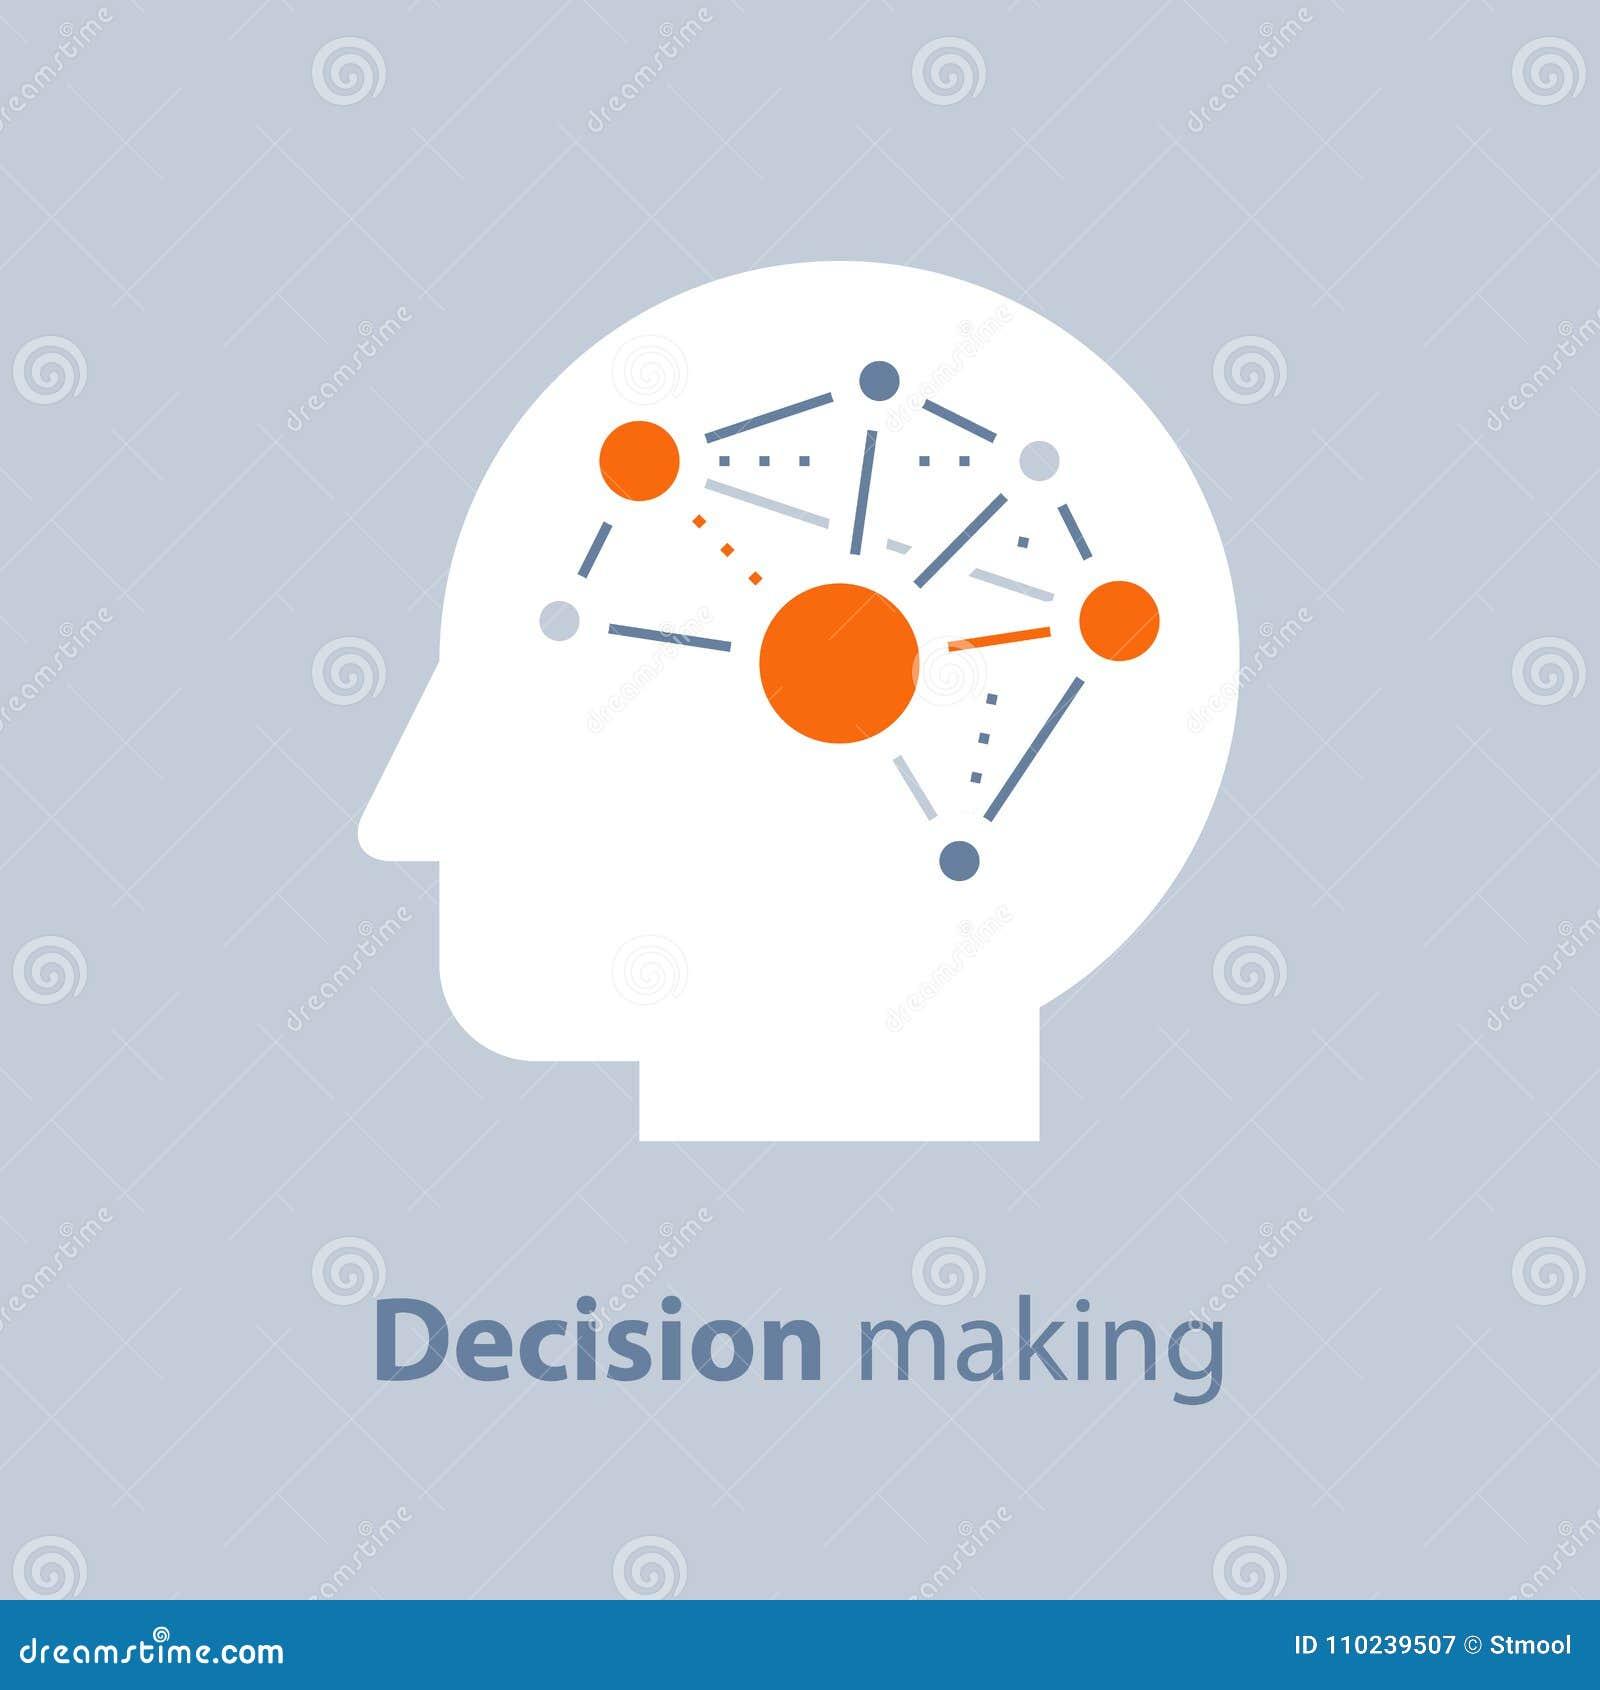 Συναισθηματική νοημοσύνη, απόφαση - παραγωγή, θετική νοοτροπία, ψυχολογία και νευρολογία, επιστήμη συμπεριφοράς, δημιουργική σκέψ